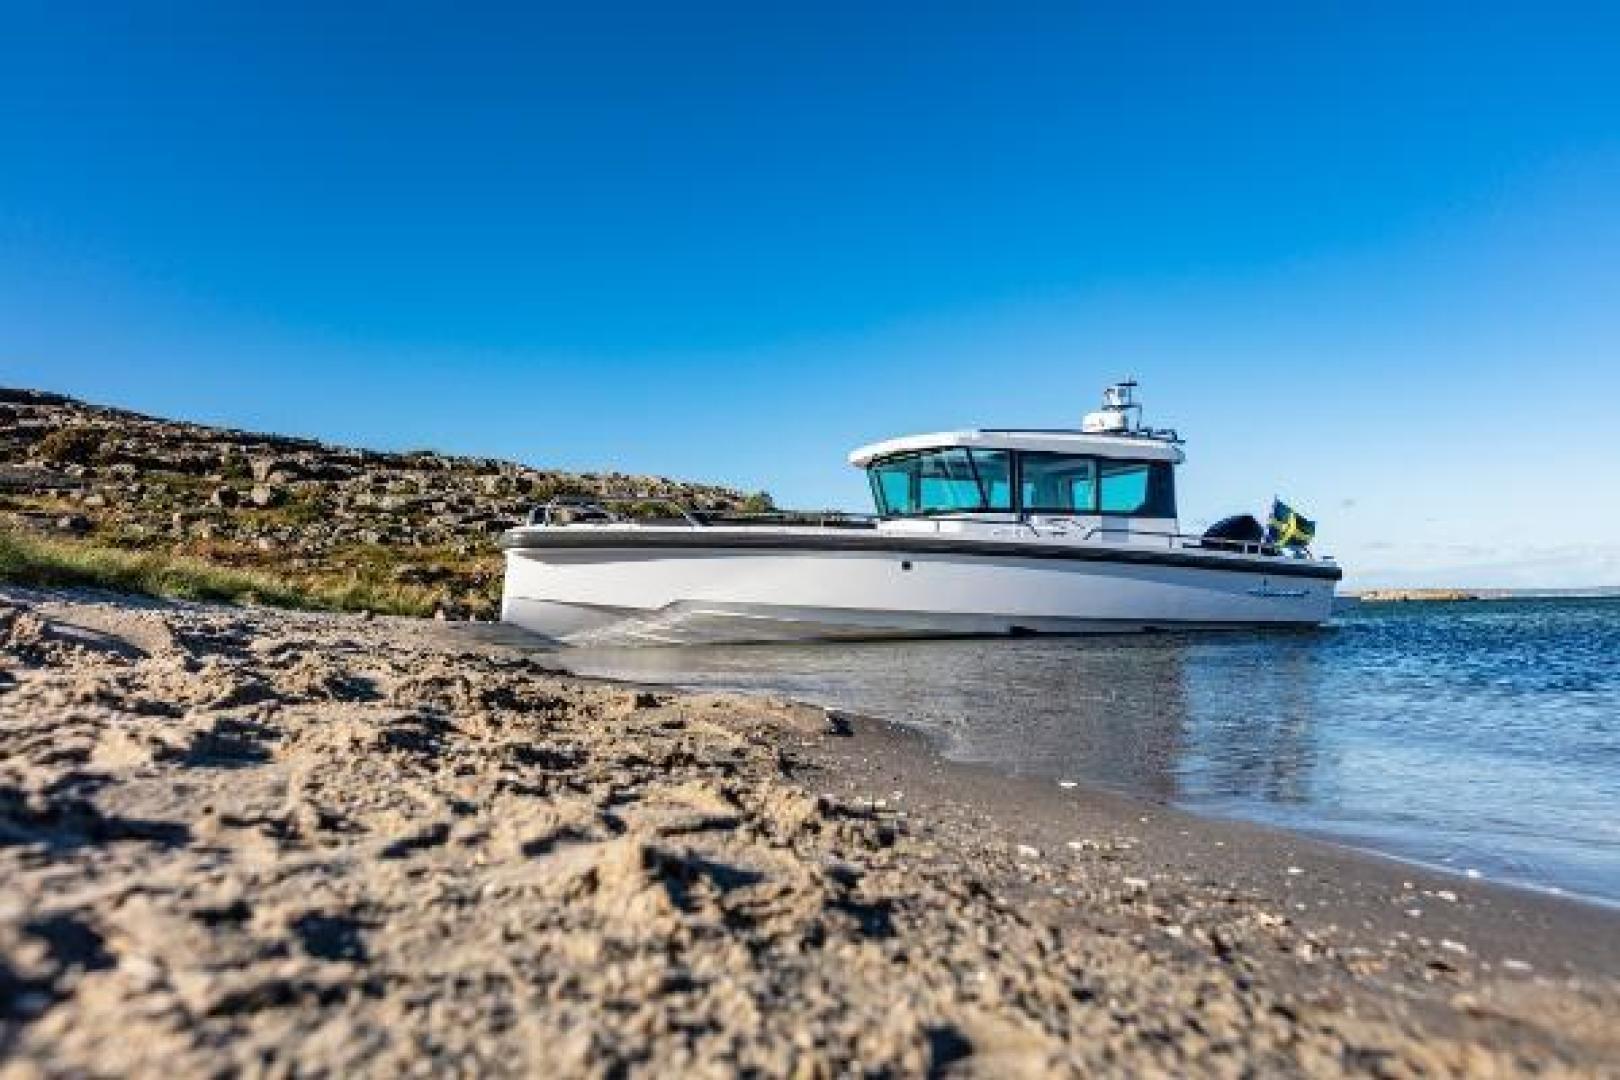 Axopar-28 CABIN 2020-Axopar 28 CABIN Palm Beach-Florida-United States-1531448 | Thumbnail